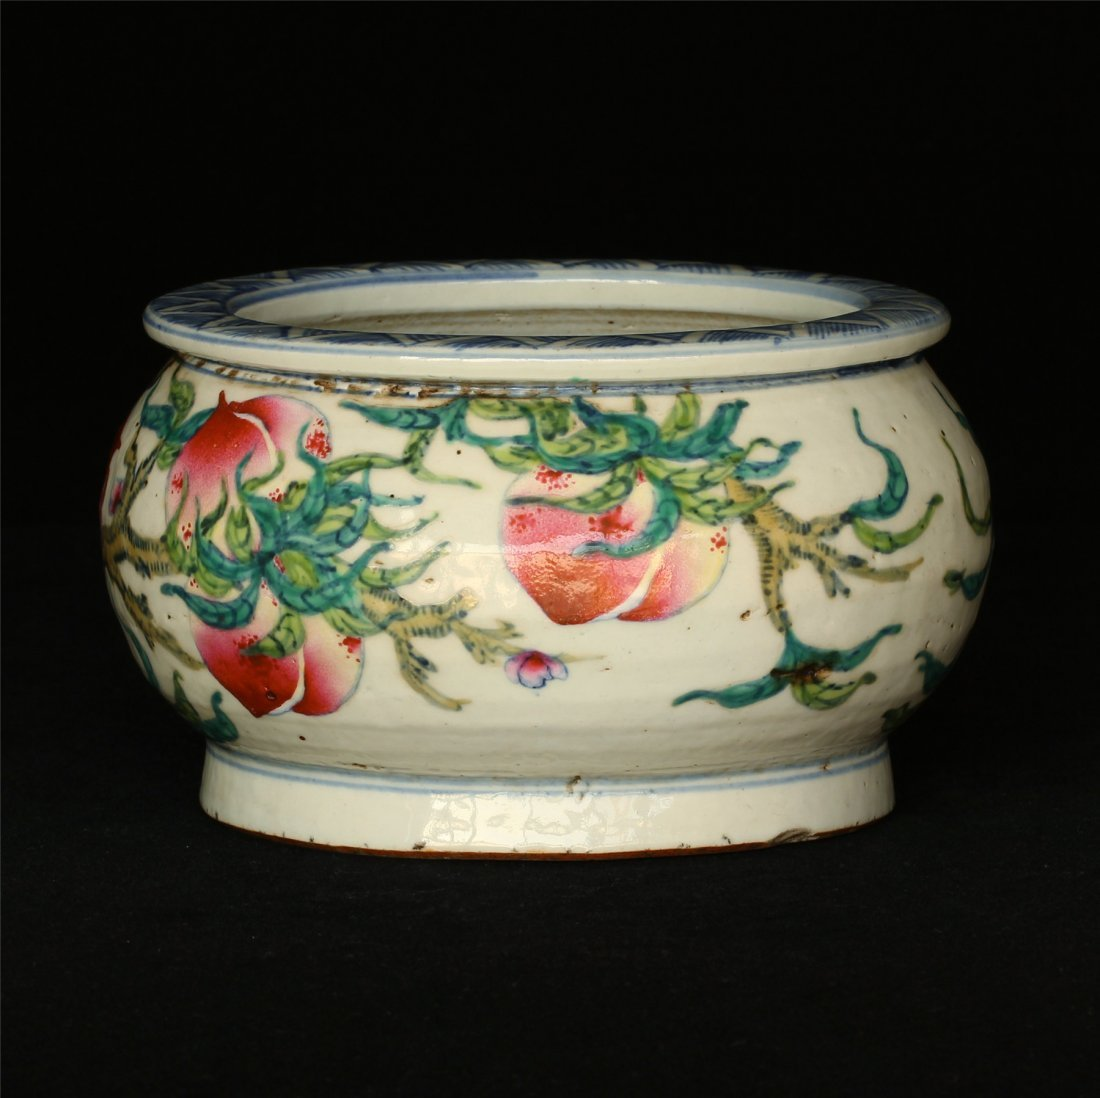 Famille rose porcelain jar.